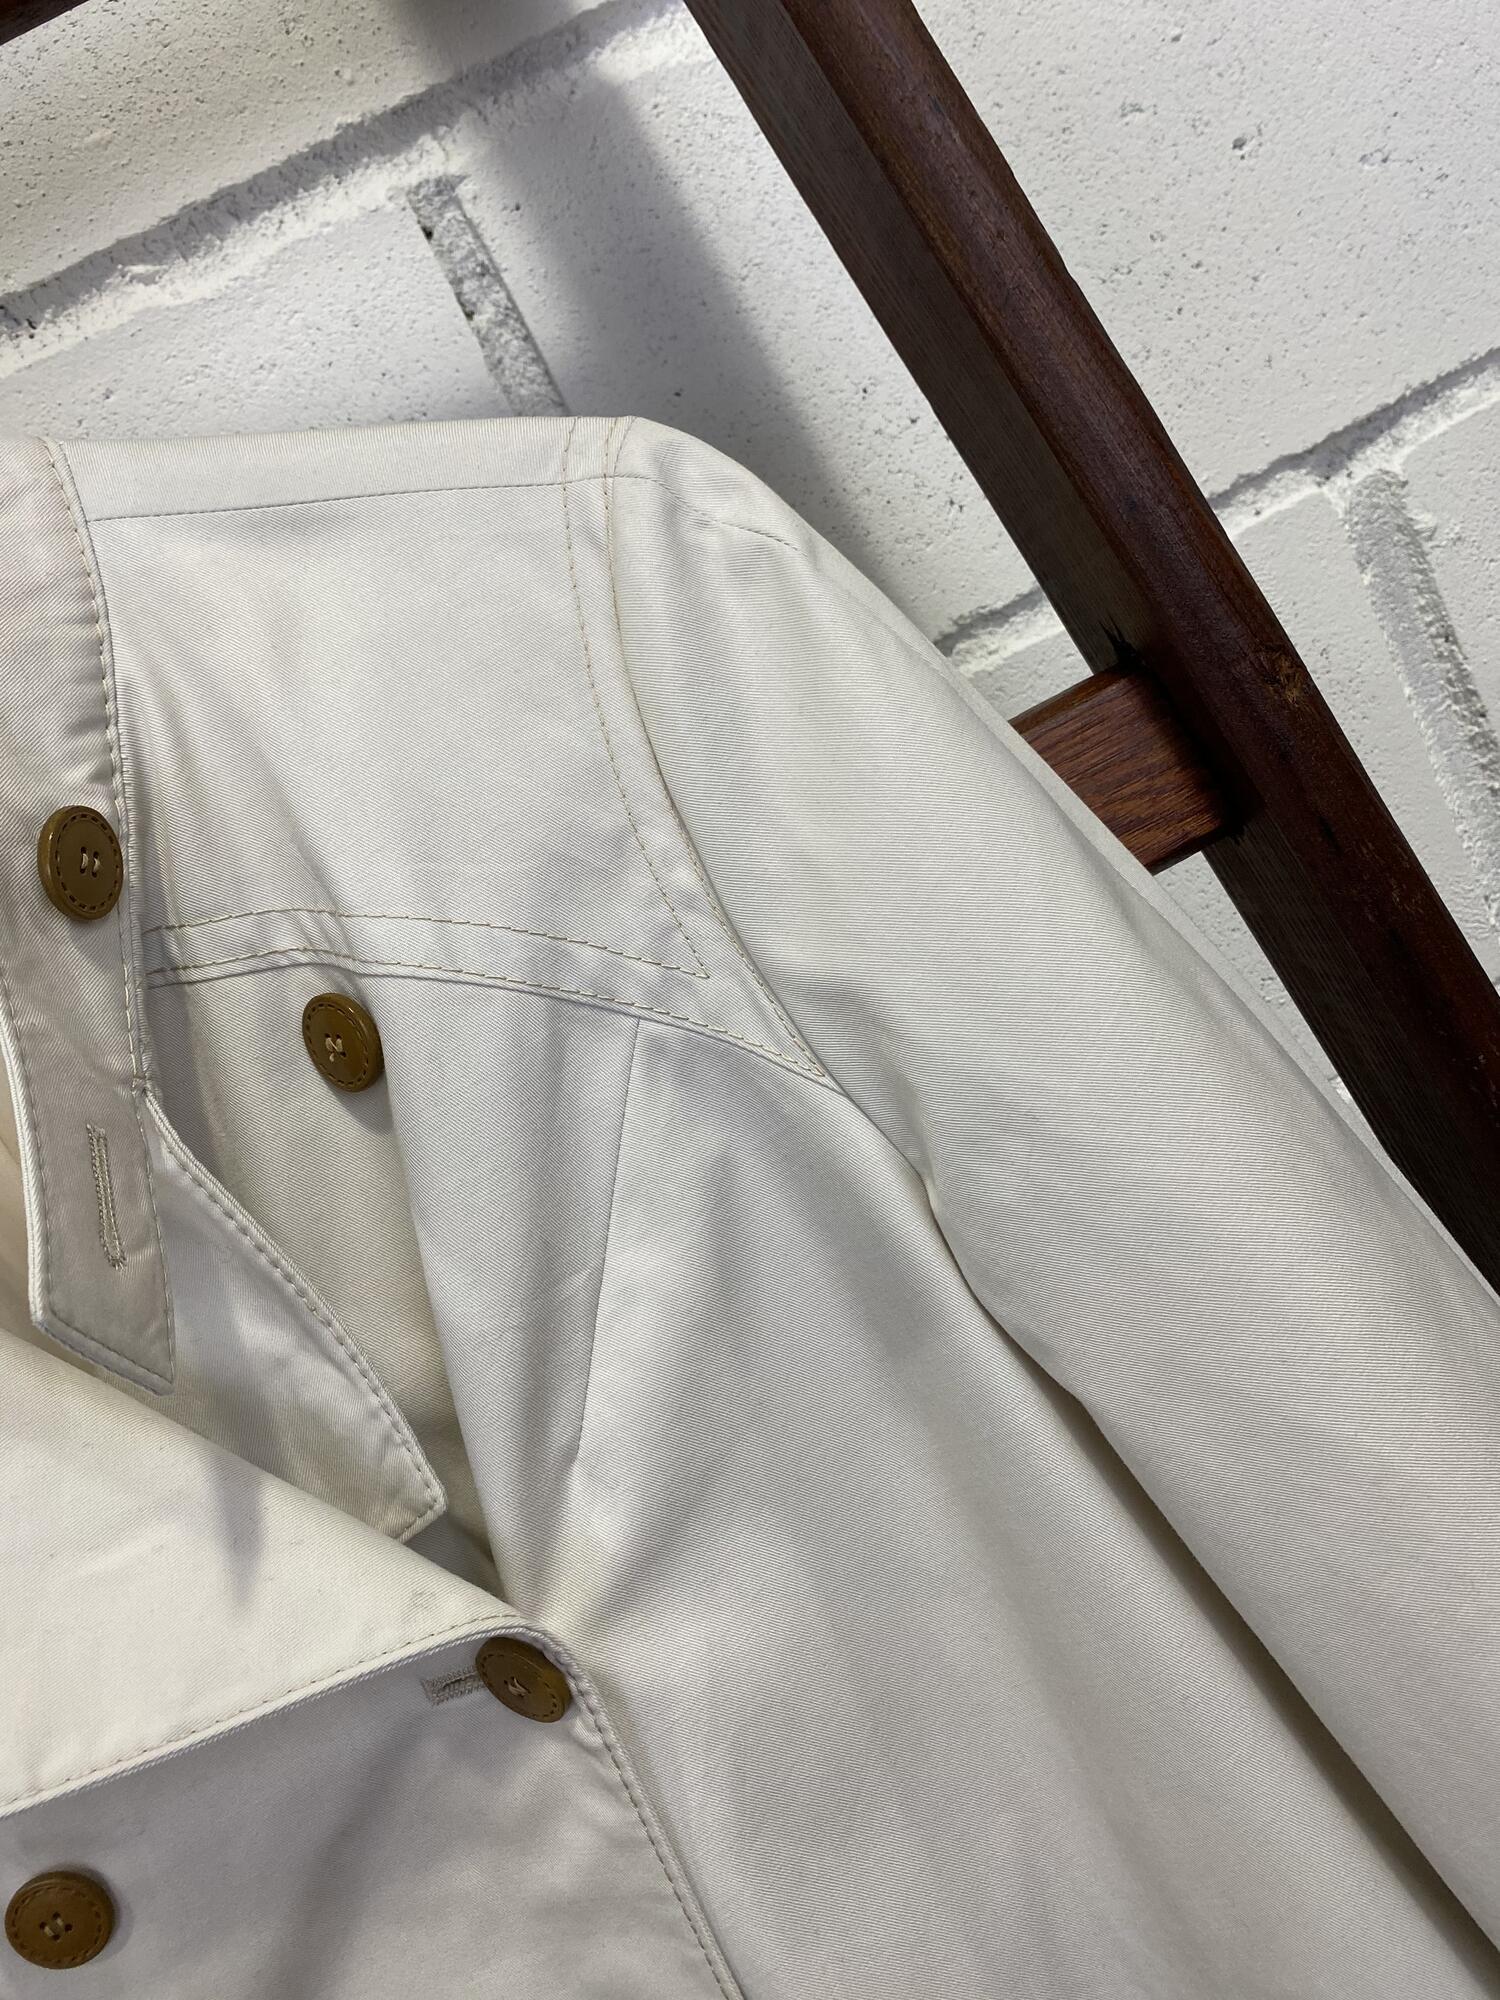 Dwurzędowy cienki płaszcz ecru z brązowymi guzikami KEMPER - Vintage Store   JestemSlow.pl